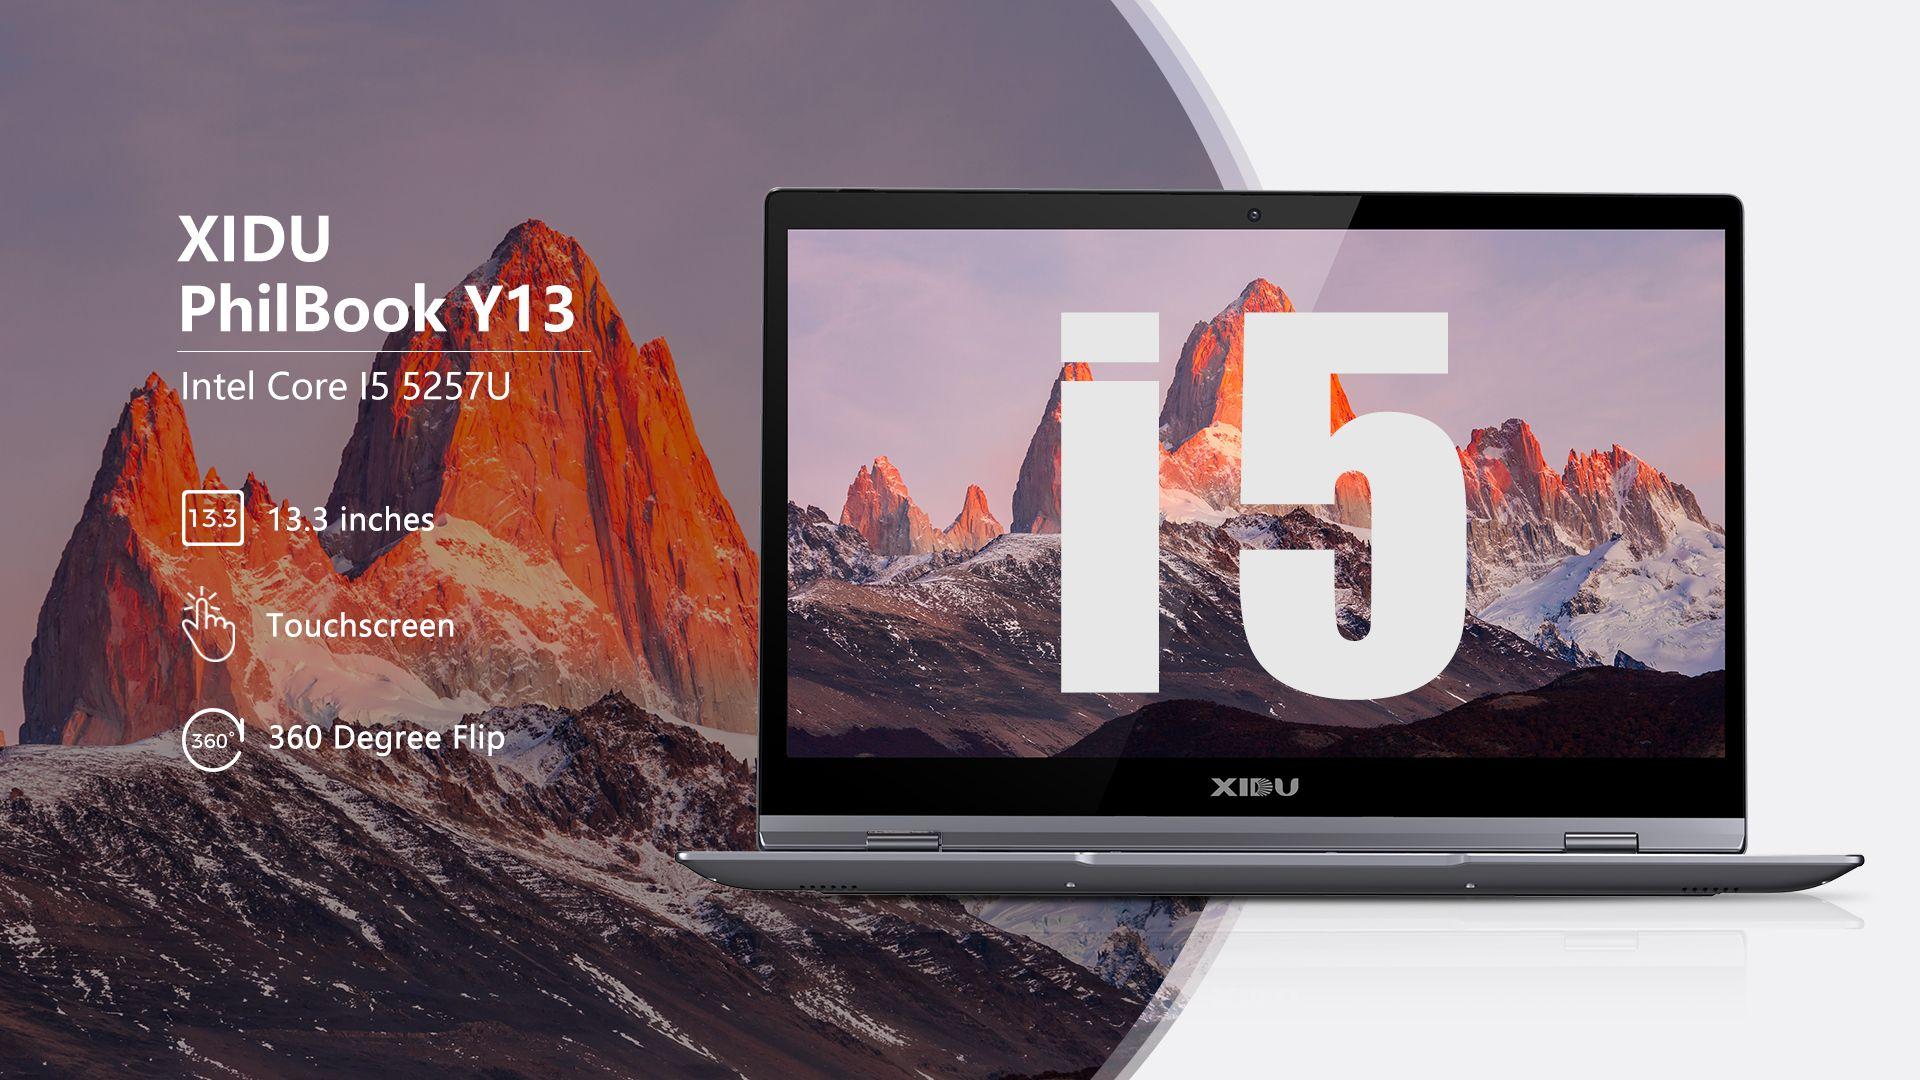 XIDU PhilBook Y13